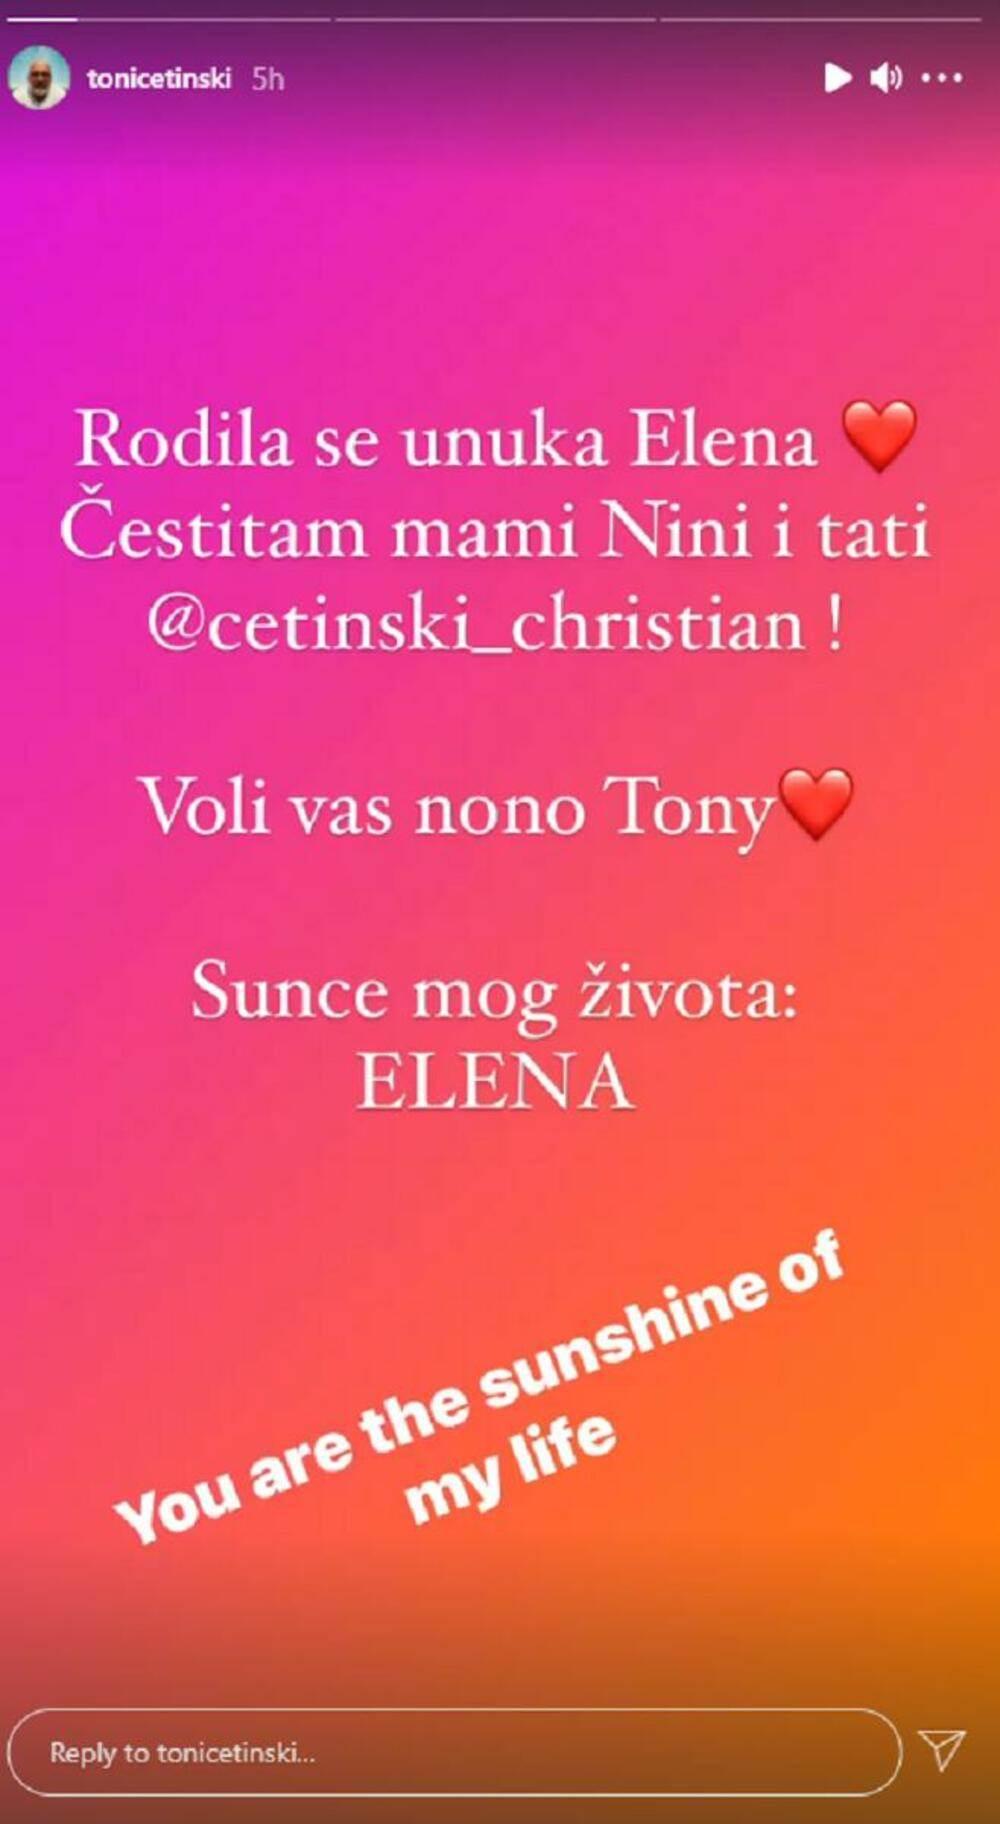 Toni Cetinski dobio unuku